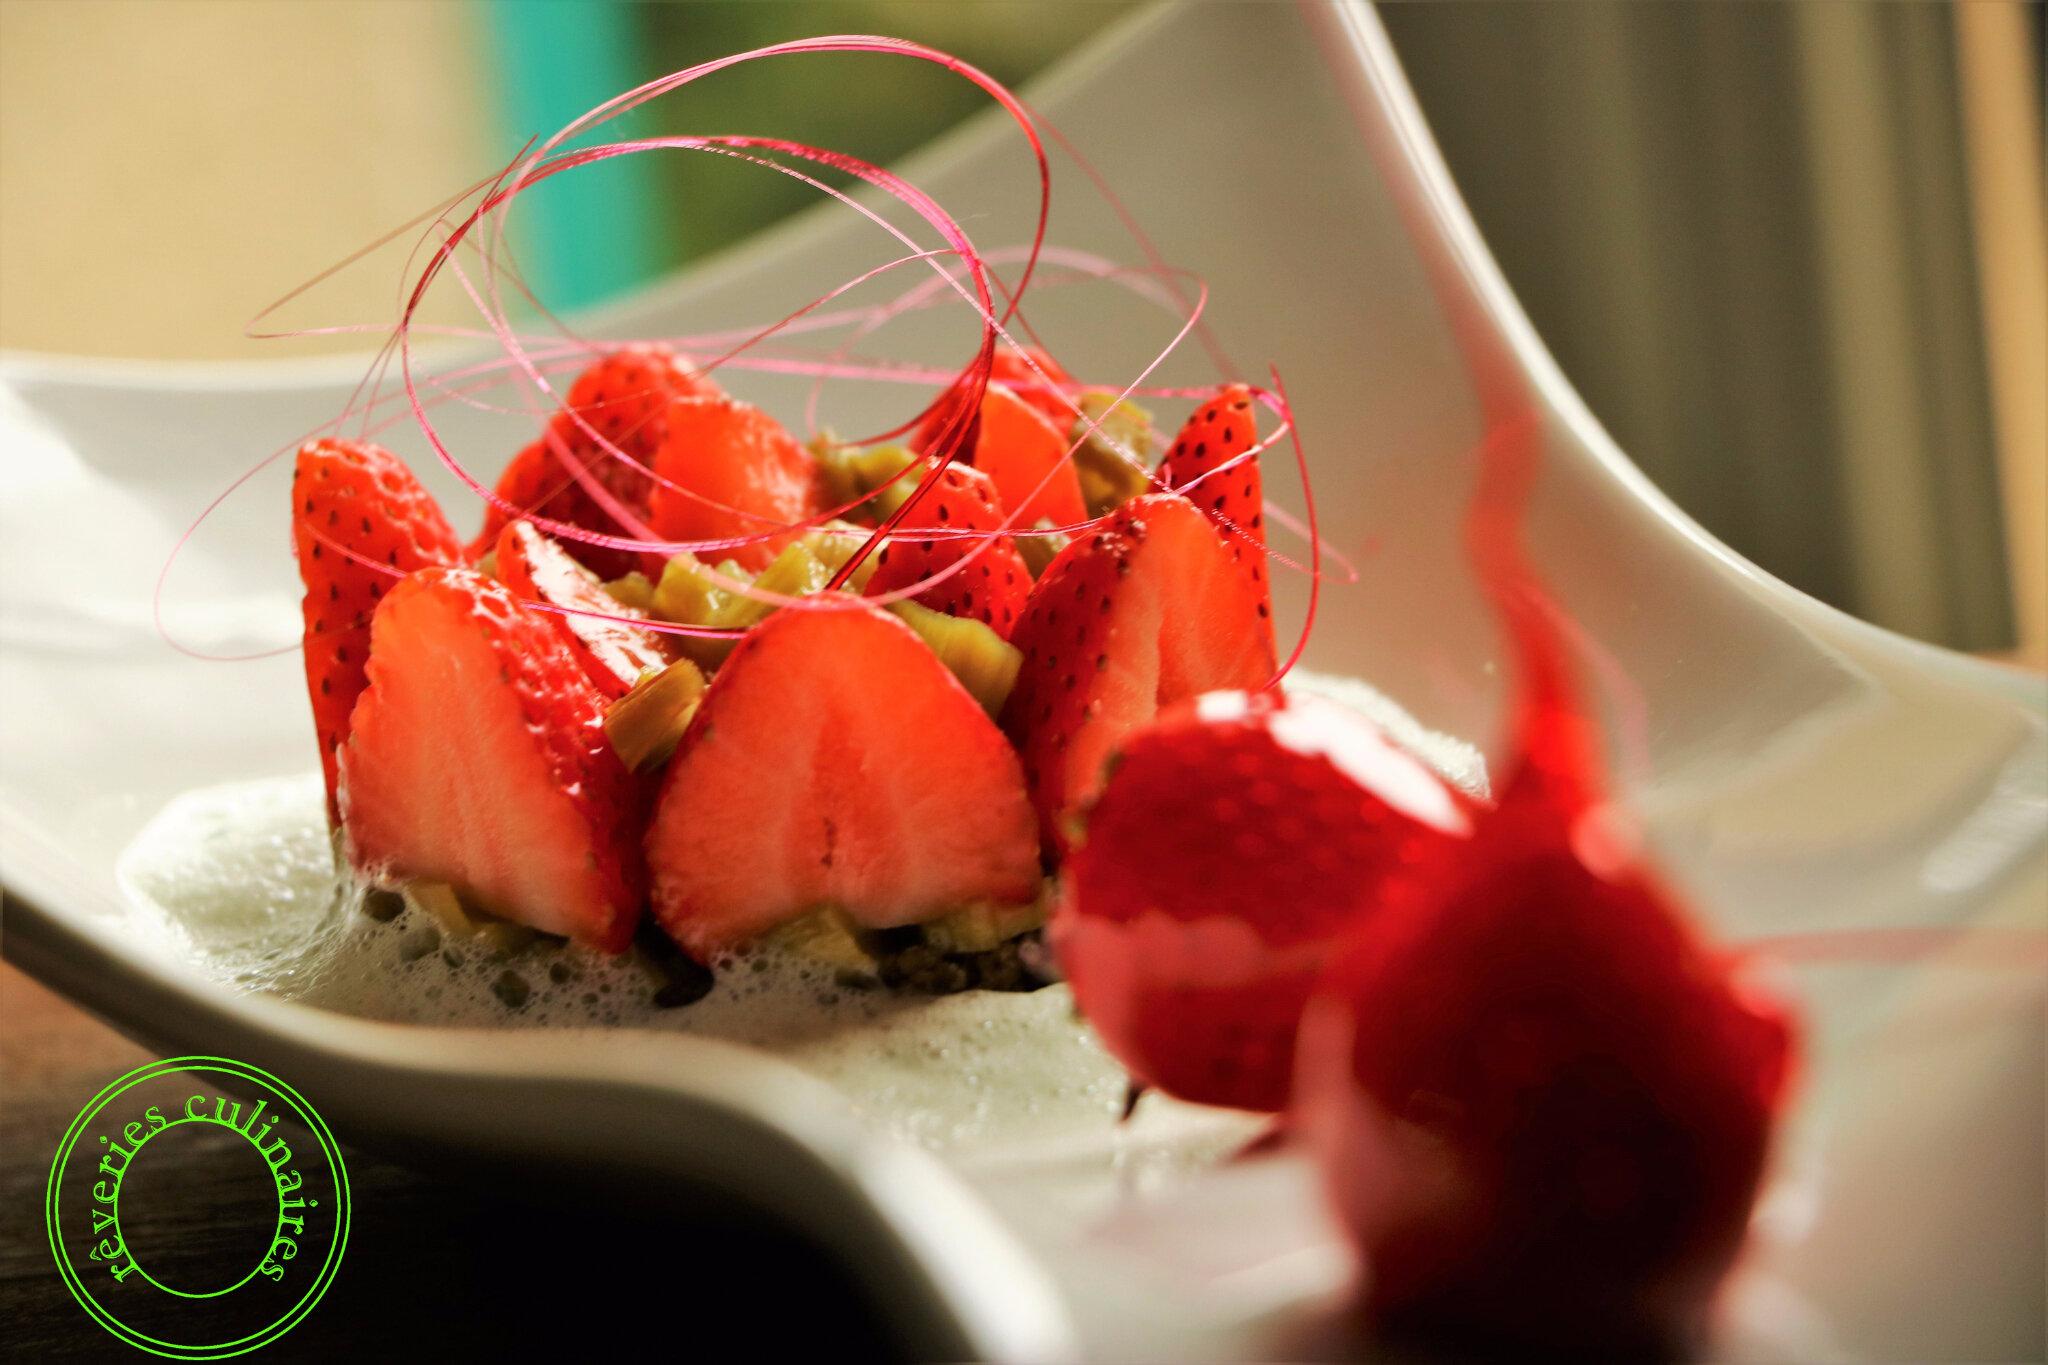 complicité de fraises et de rhubarbe sur mouuse de lait 2